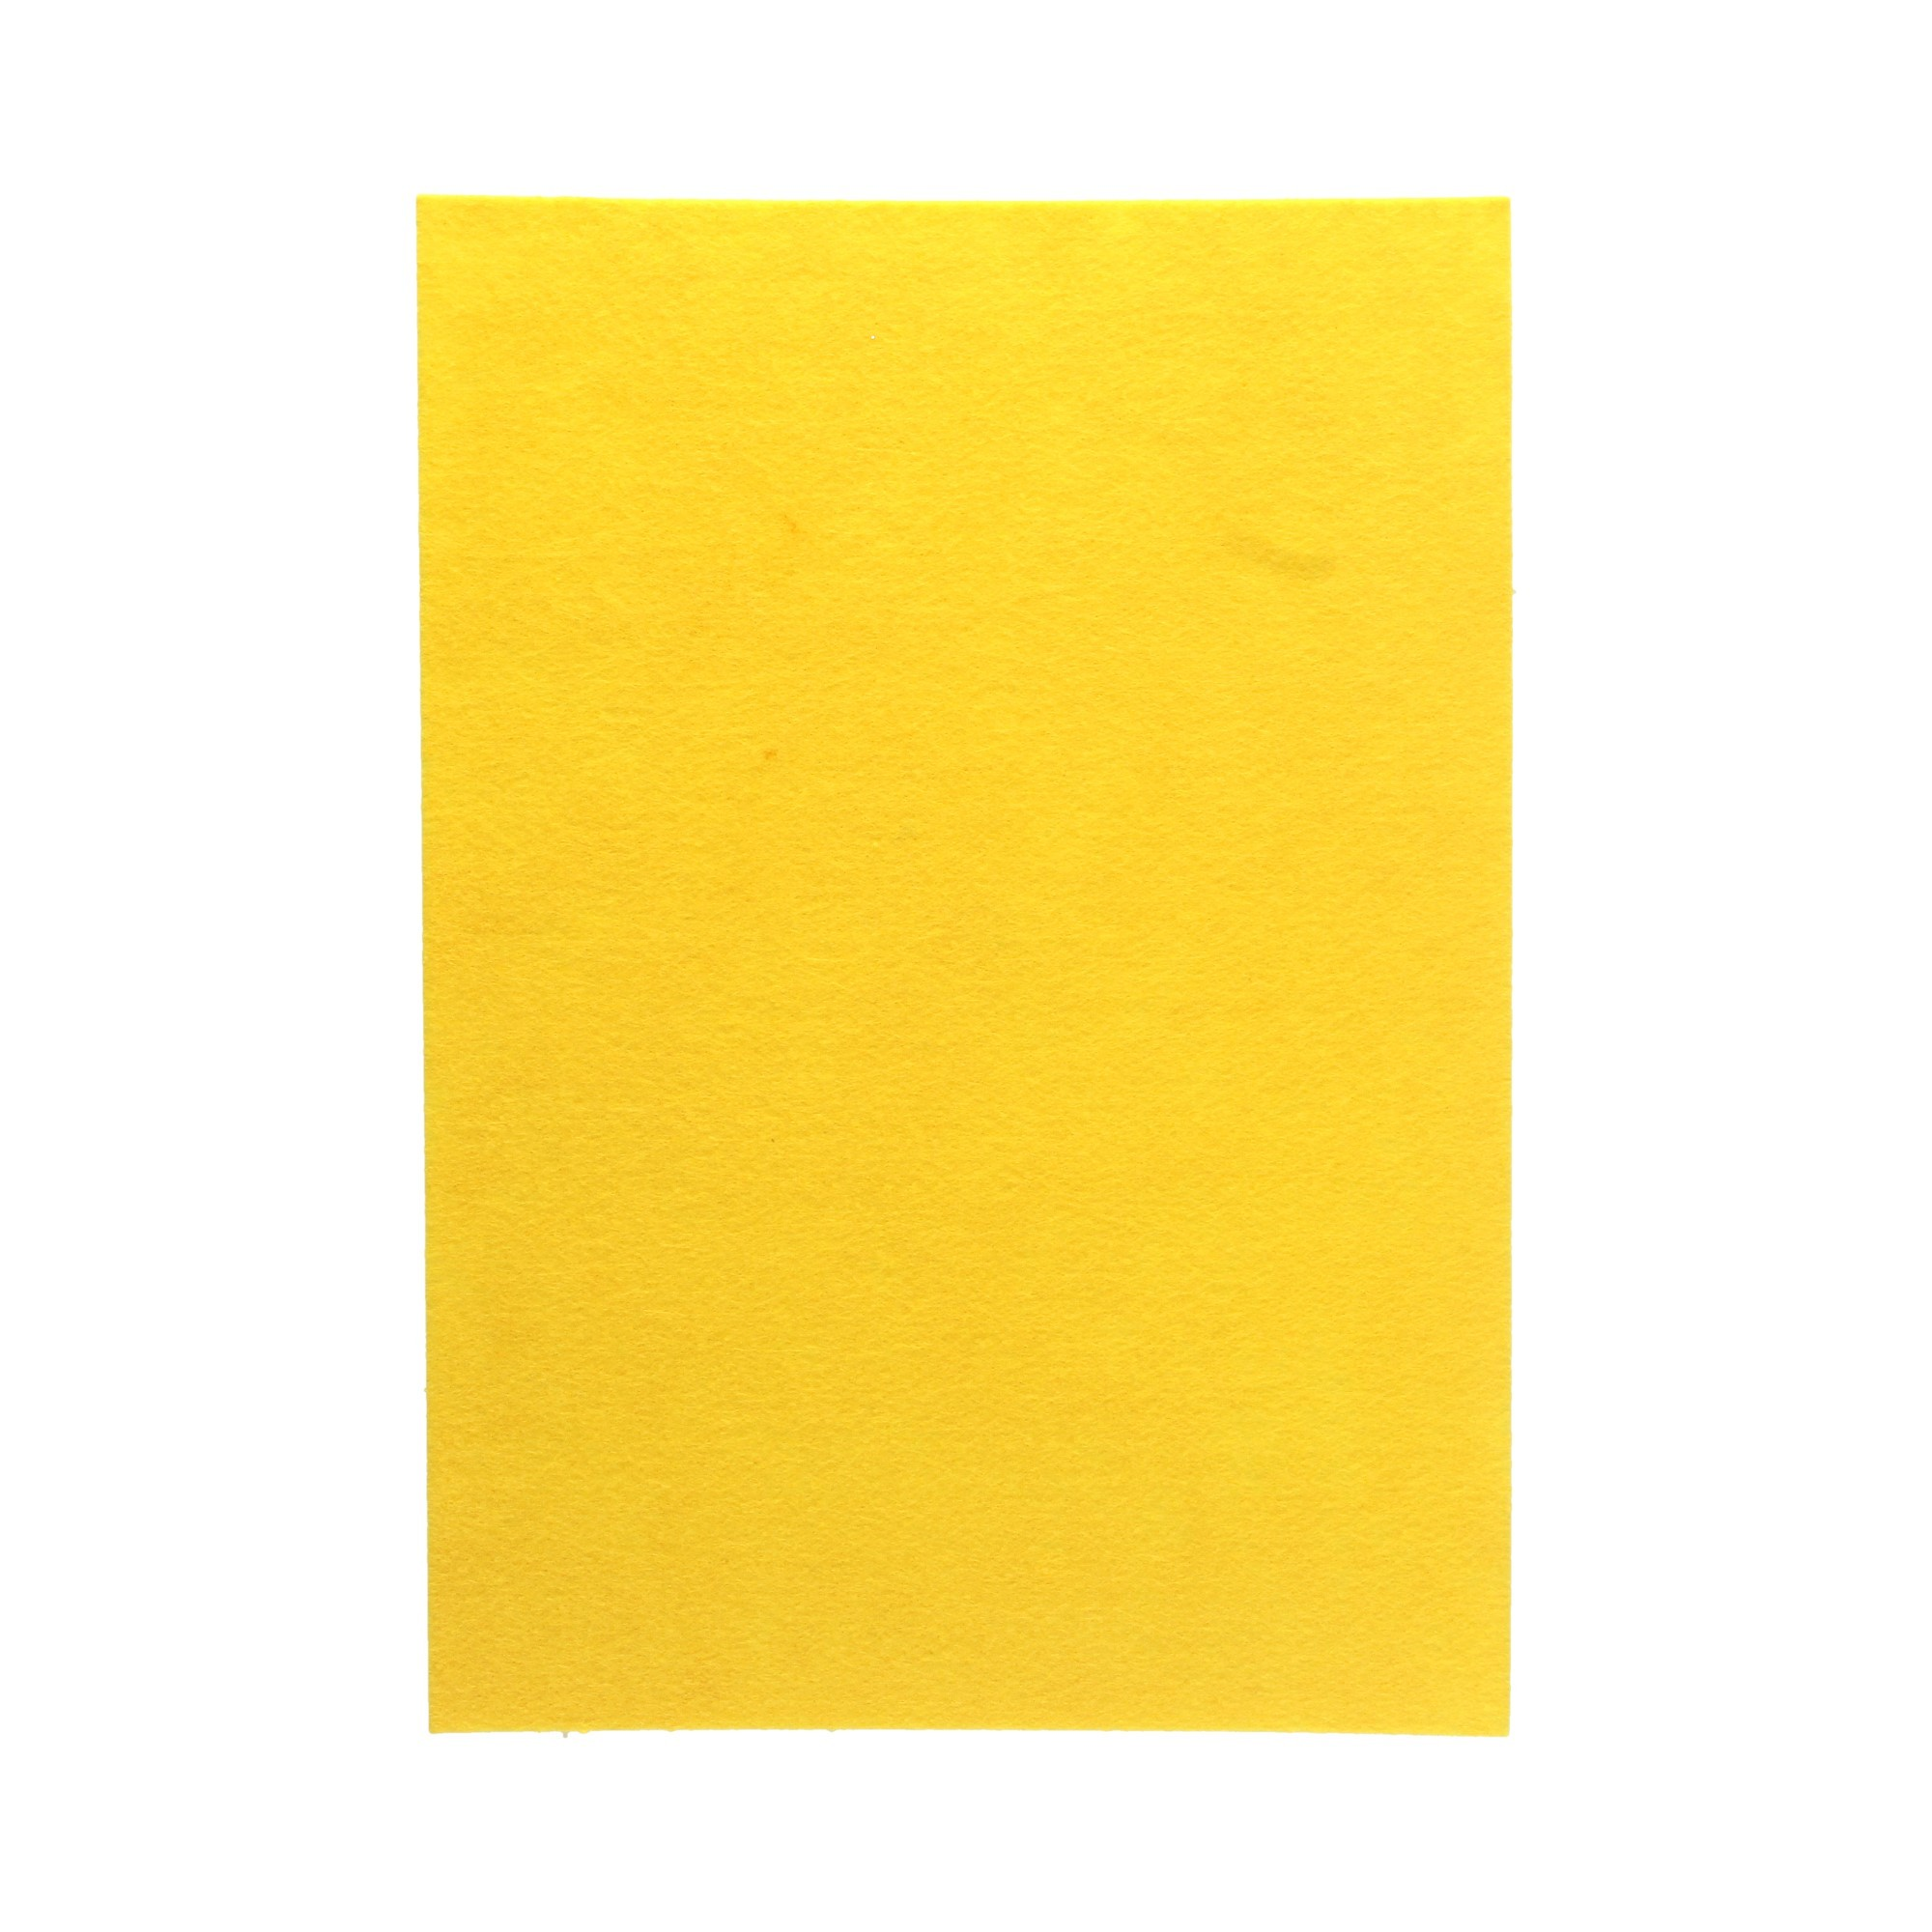 Filc żółty Brewis (10)